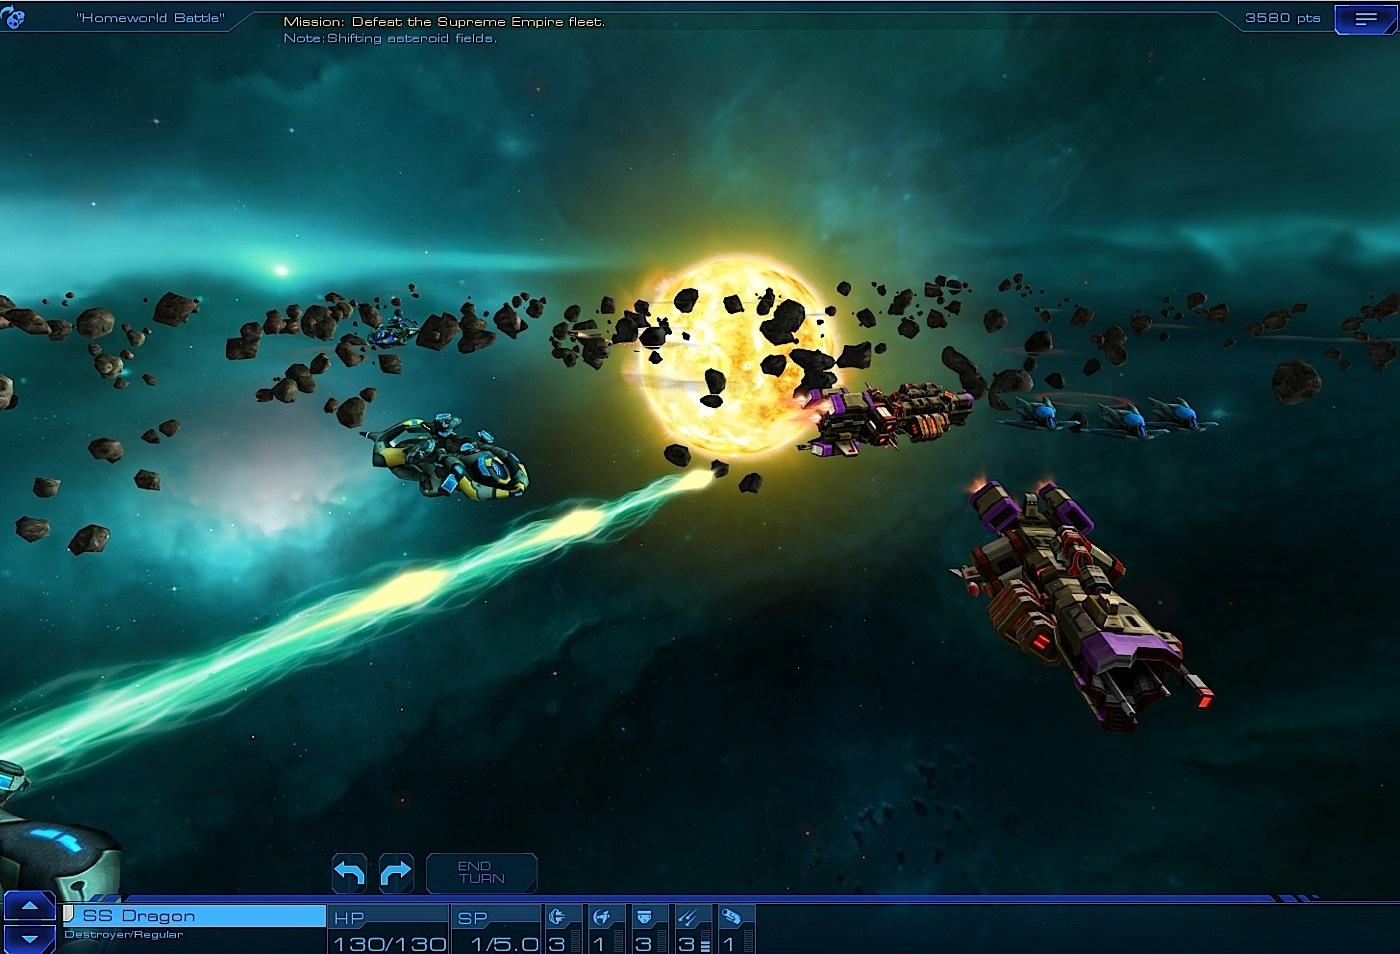 Sid Meier's Starships screenshot.